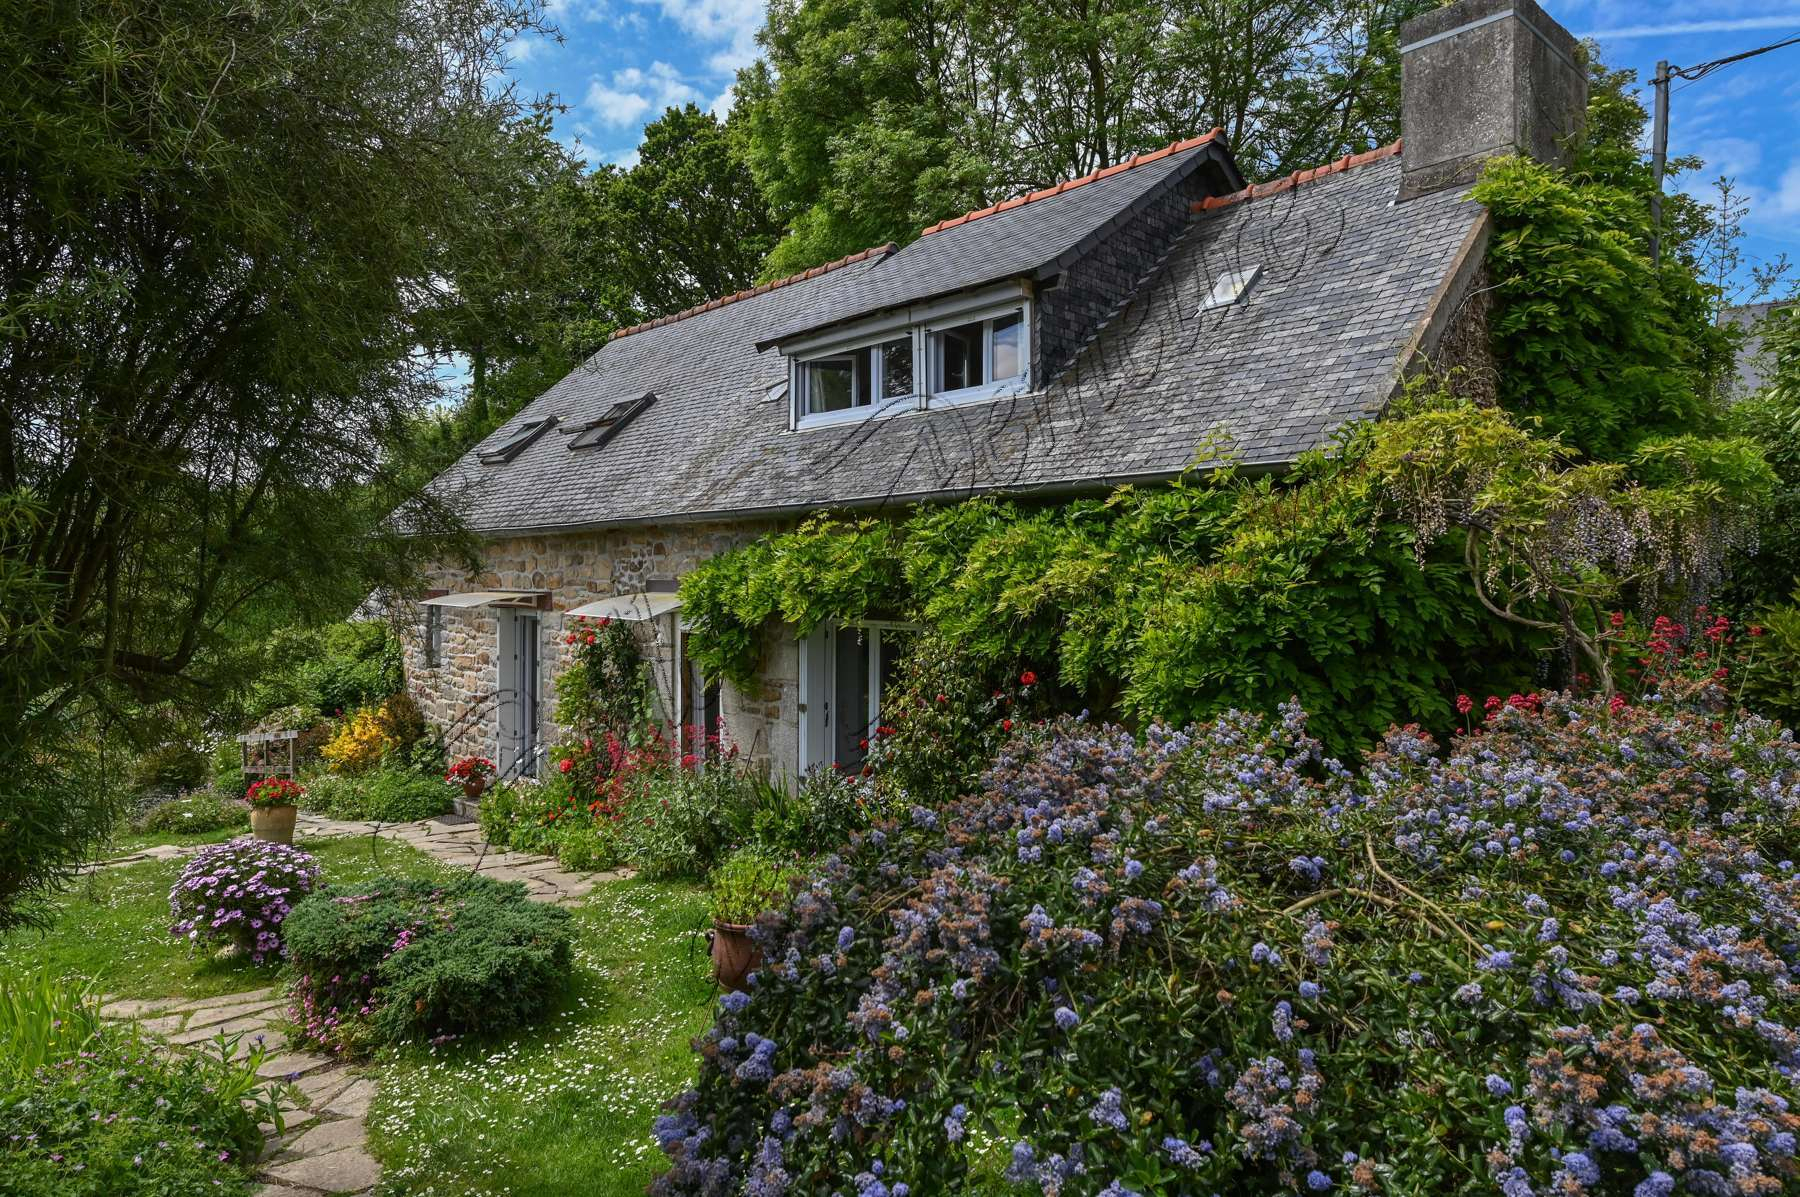 A Vendre Ancien Moulin À Lin Dans Son Environnement Champêtre Côtes D'armor avec Moulin De Jardin A Vendre